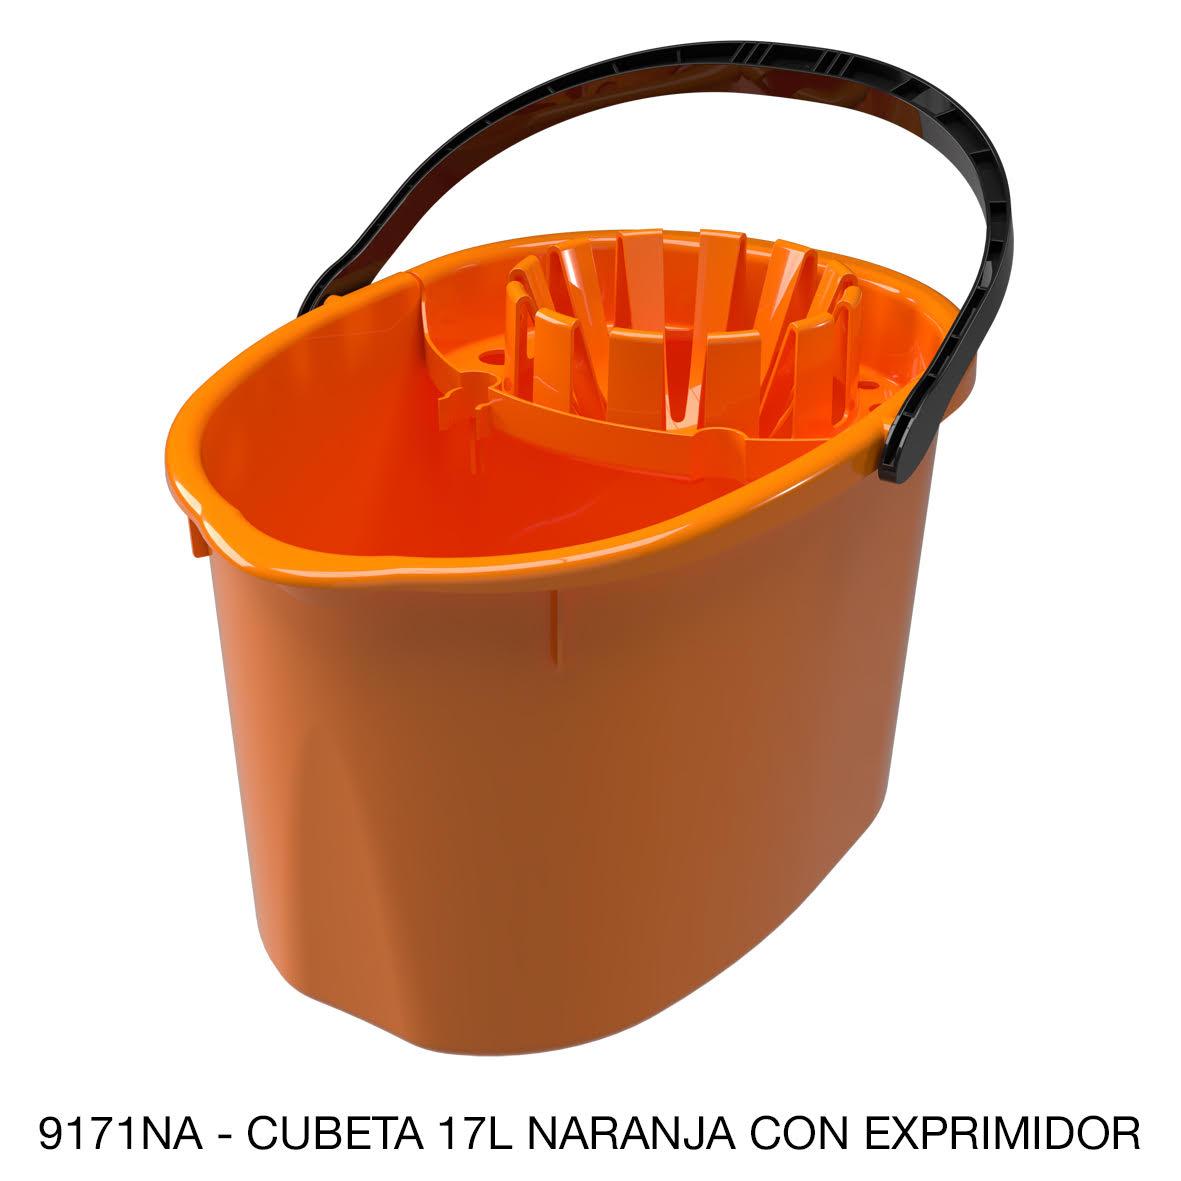 Cubeta de 17 litros con exprimidor color naranja modelo 9171NA de Sablón